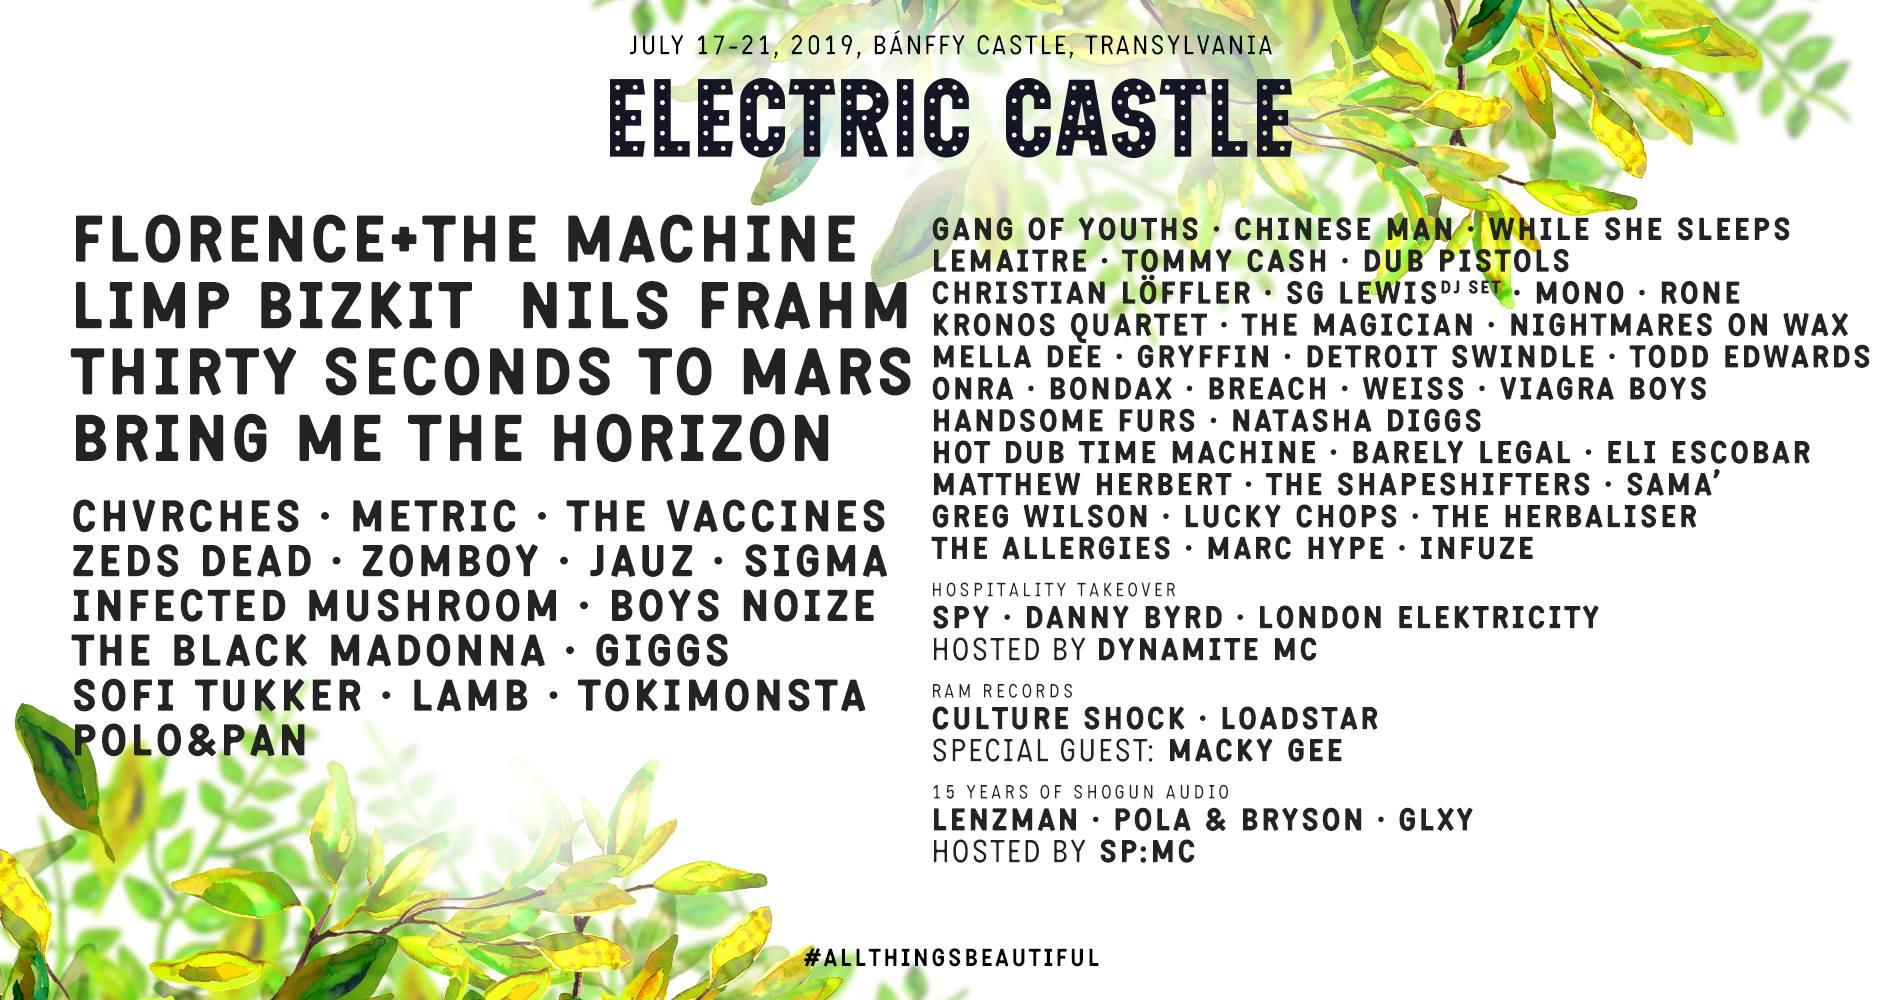 (CONCURS ÎNCHEIAT) Câștigă invitații la Electric Castle 2019!